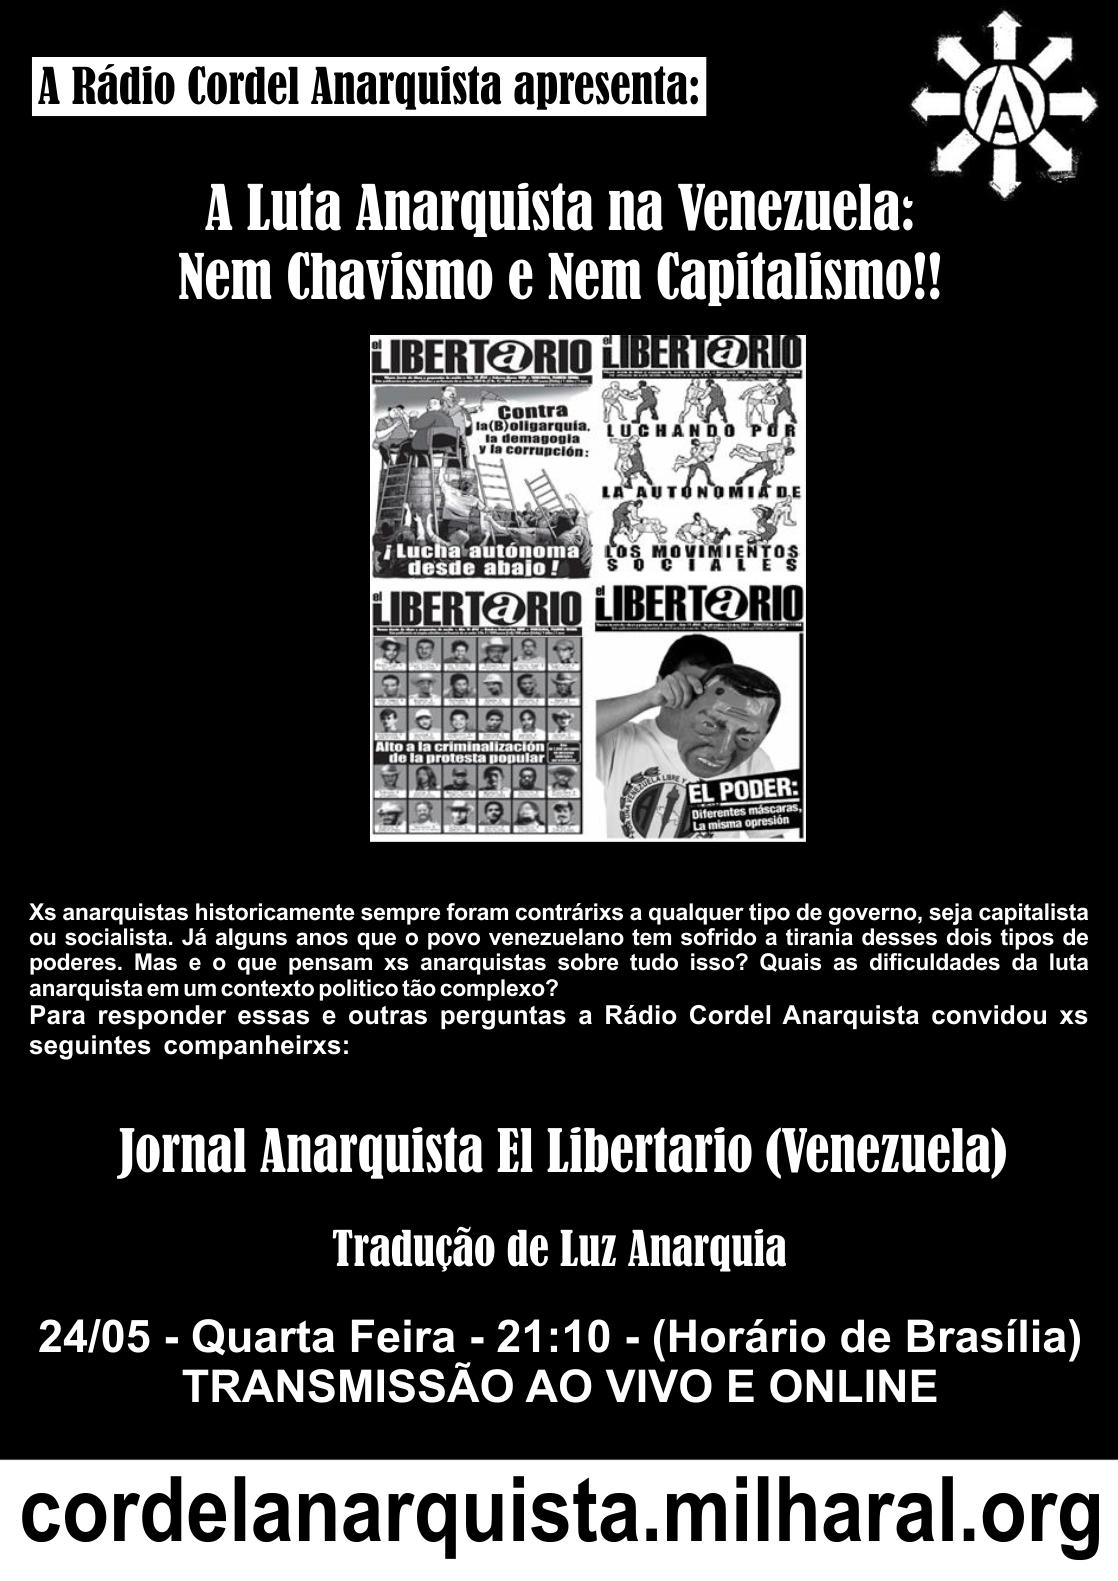 24/05-Quarta Feira- Luta Anarquista na Venezuela – AO VIVO